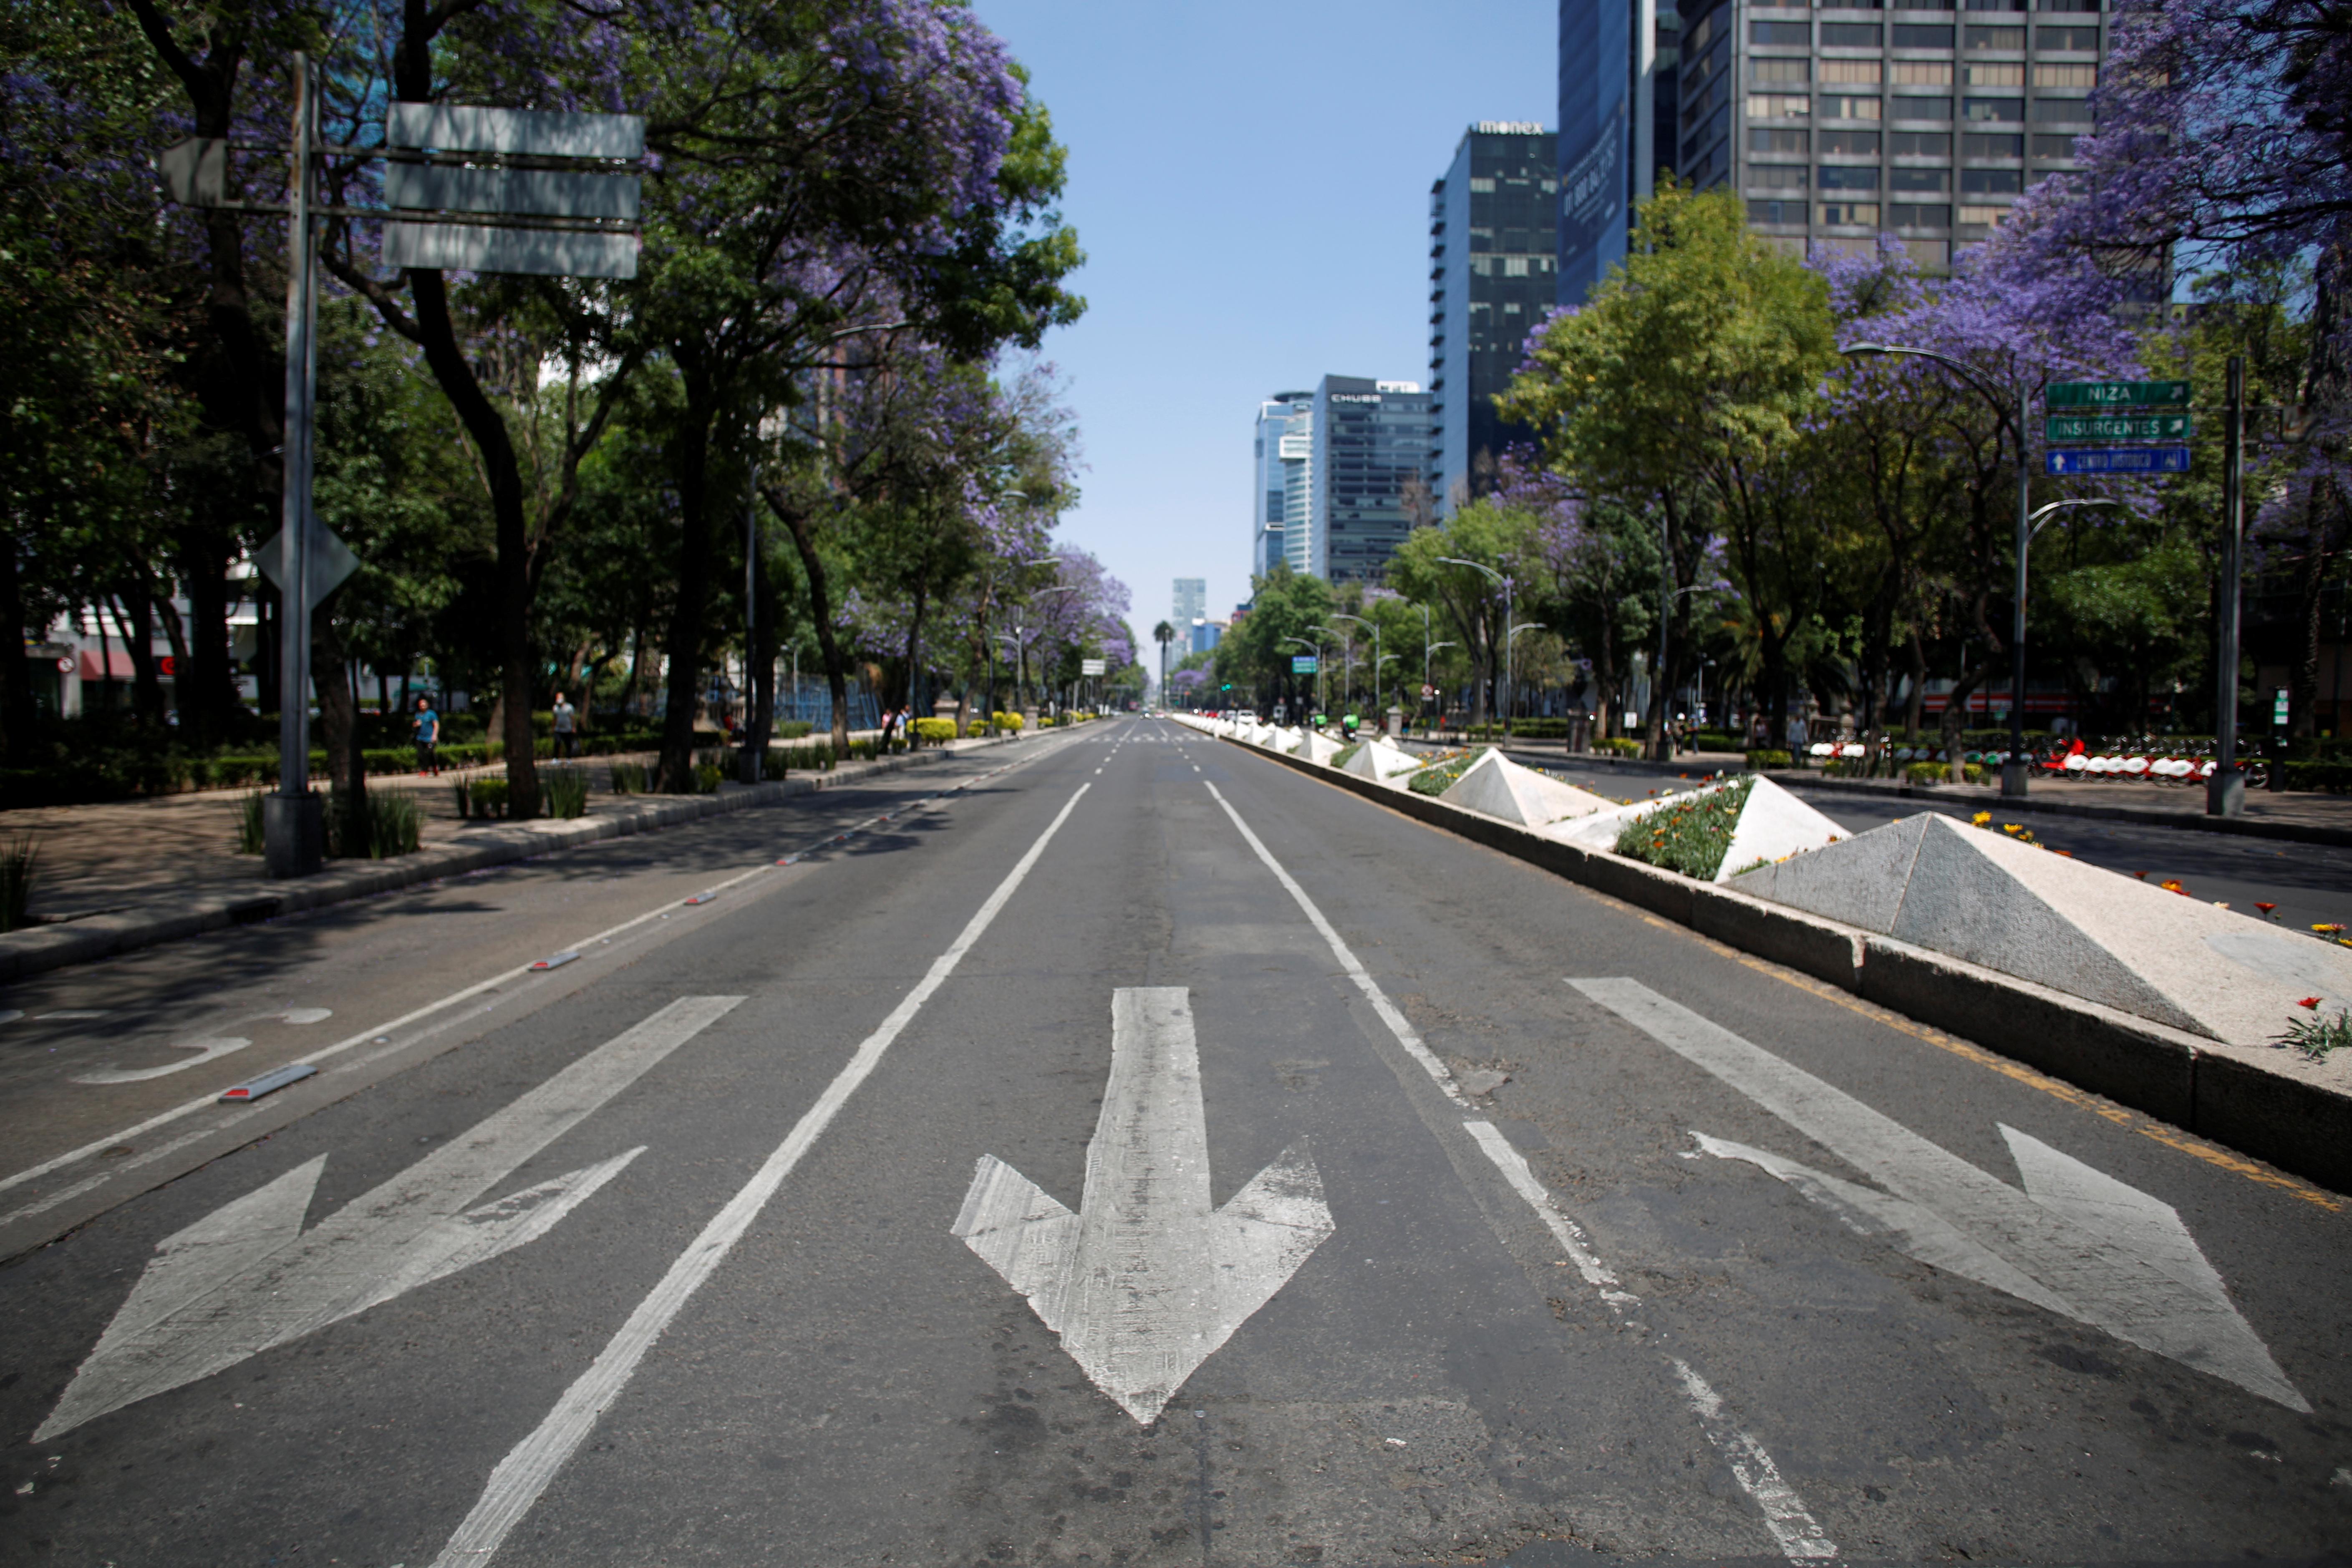 Una carretera vacía mientras continúa el brote de la enfermedad por coronavirus (COVID-19), en la Ciudad de México, México, 22 de marzo de 2020.